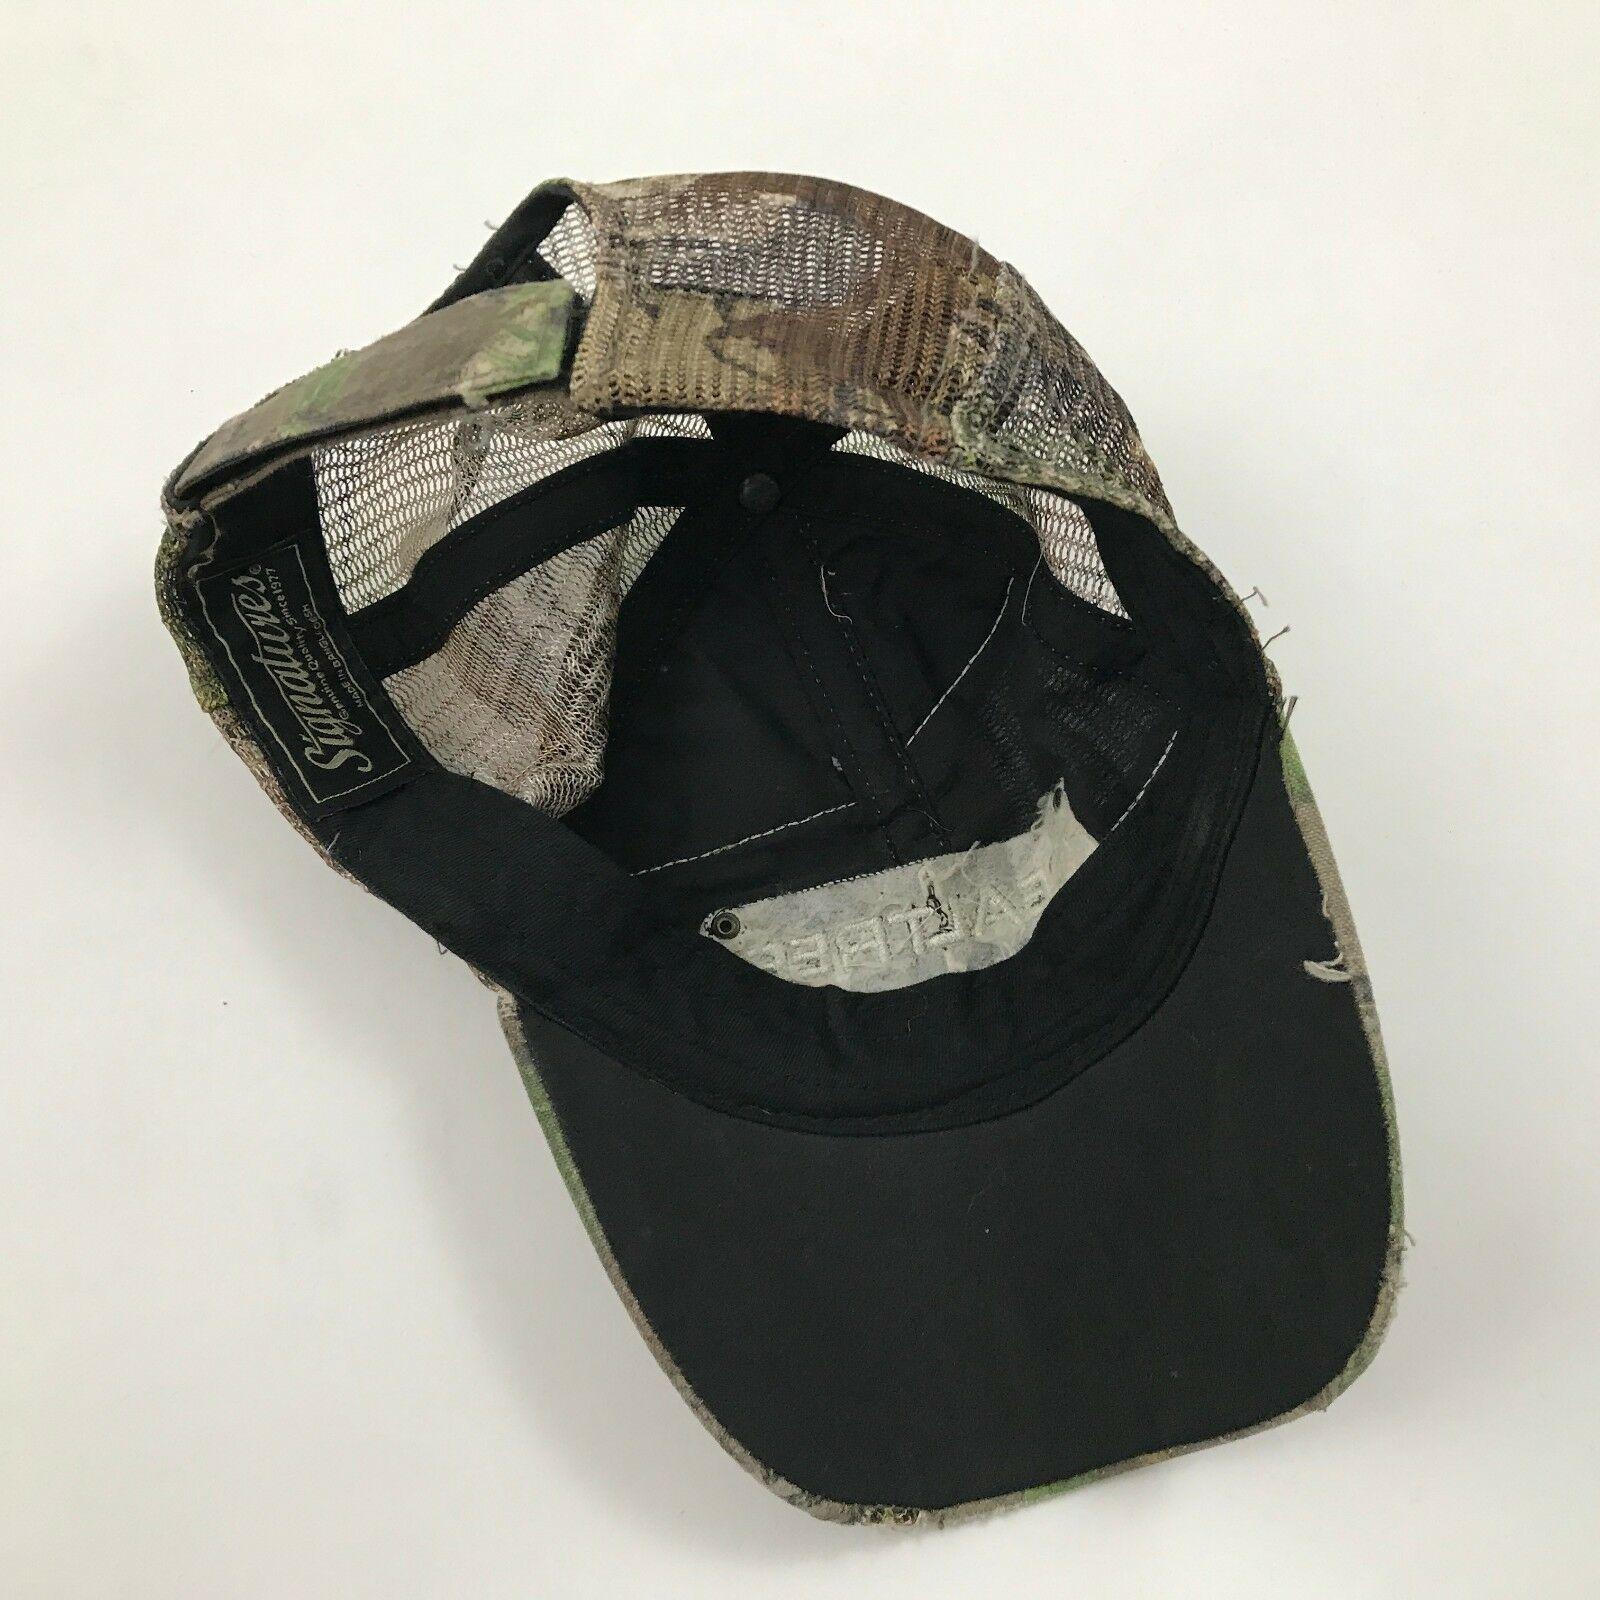 Realtree Camouflage Sangle à L'Arrière Trucker Hat Délavé Casquette Baseball